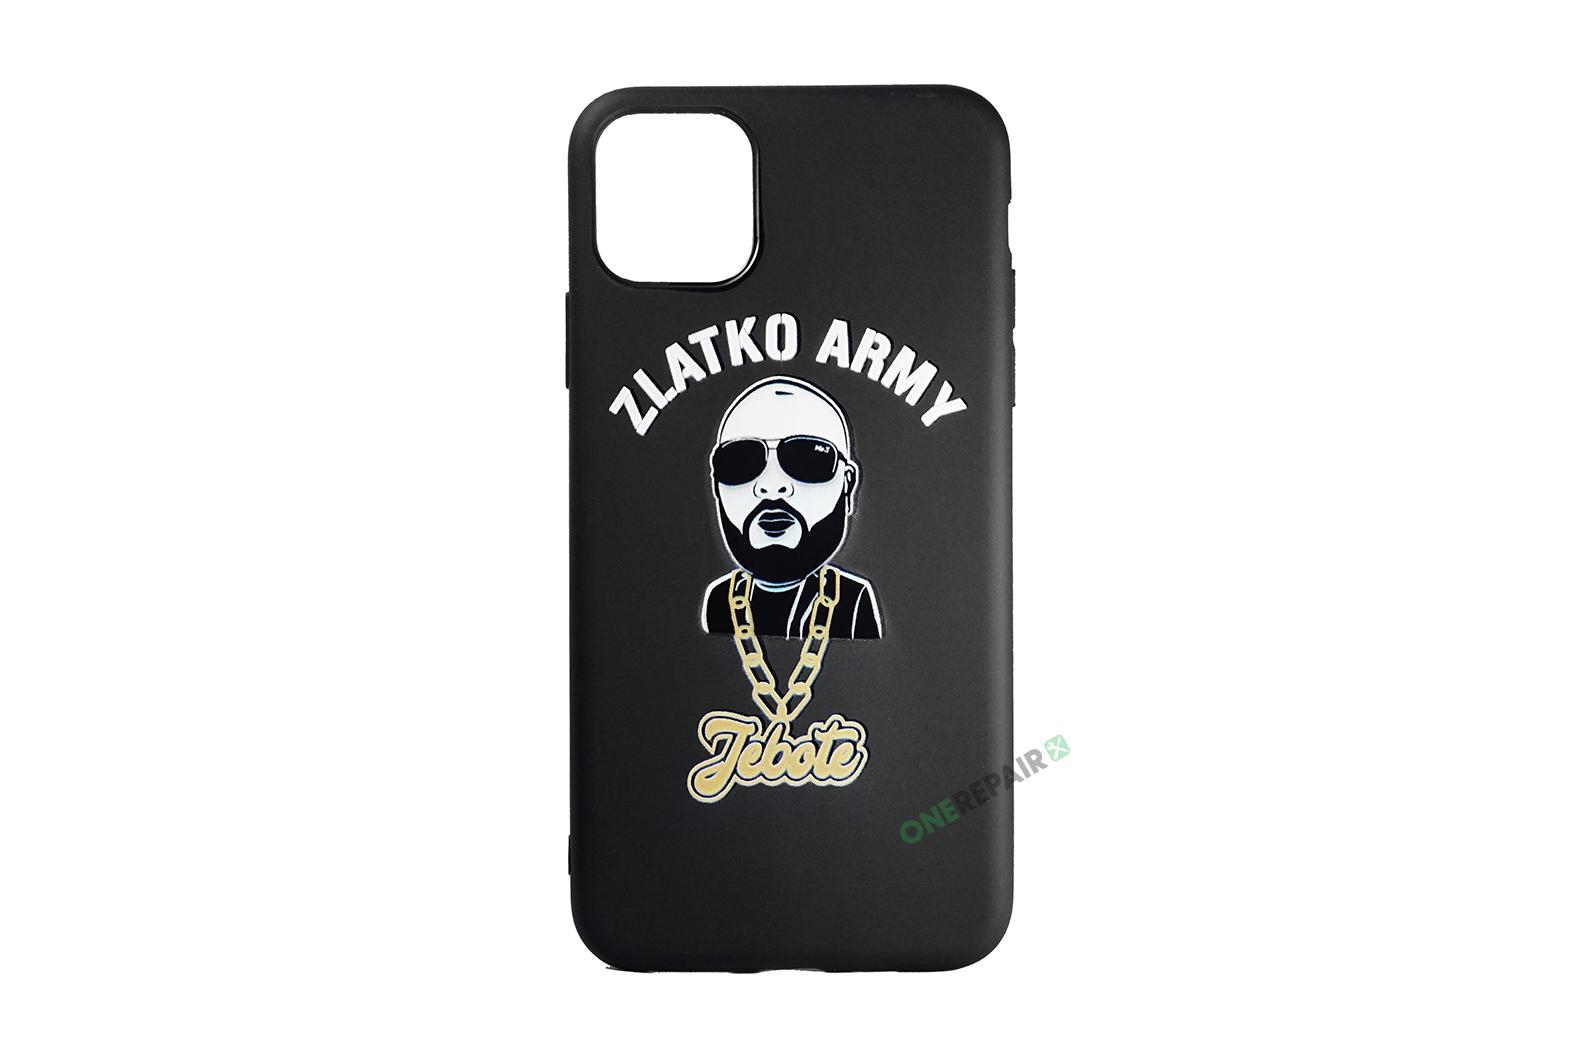 353786-001_iPhone_11_Pro_Max_Zlatko_Army_Sort_OneRepair_00001